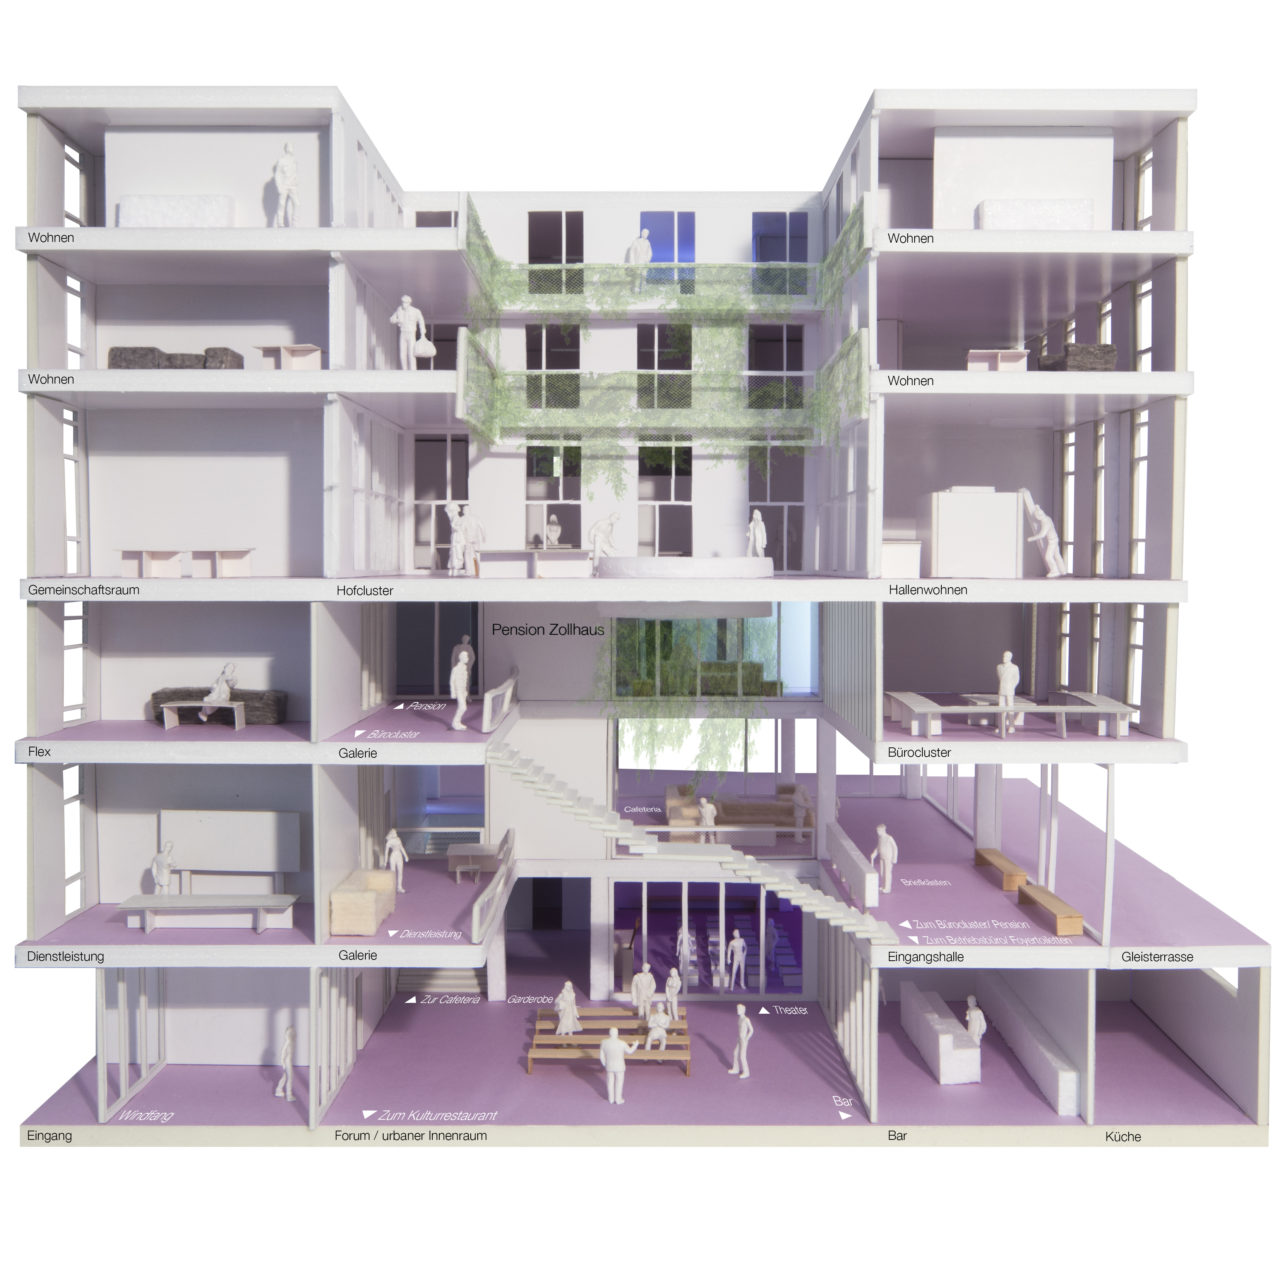 Modell des Projekts Zollhaus aus der Ausstellung im Museum für Kunst und Gewerbe